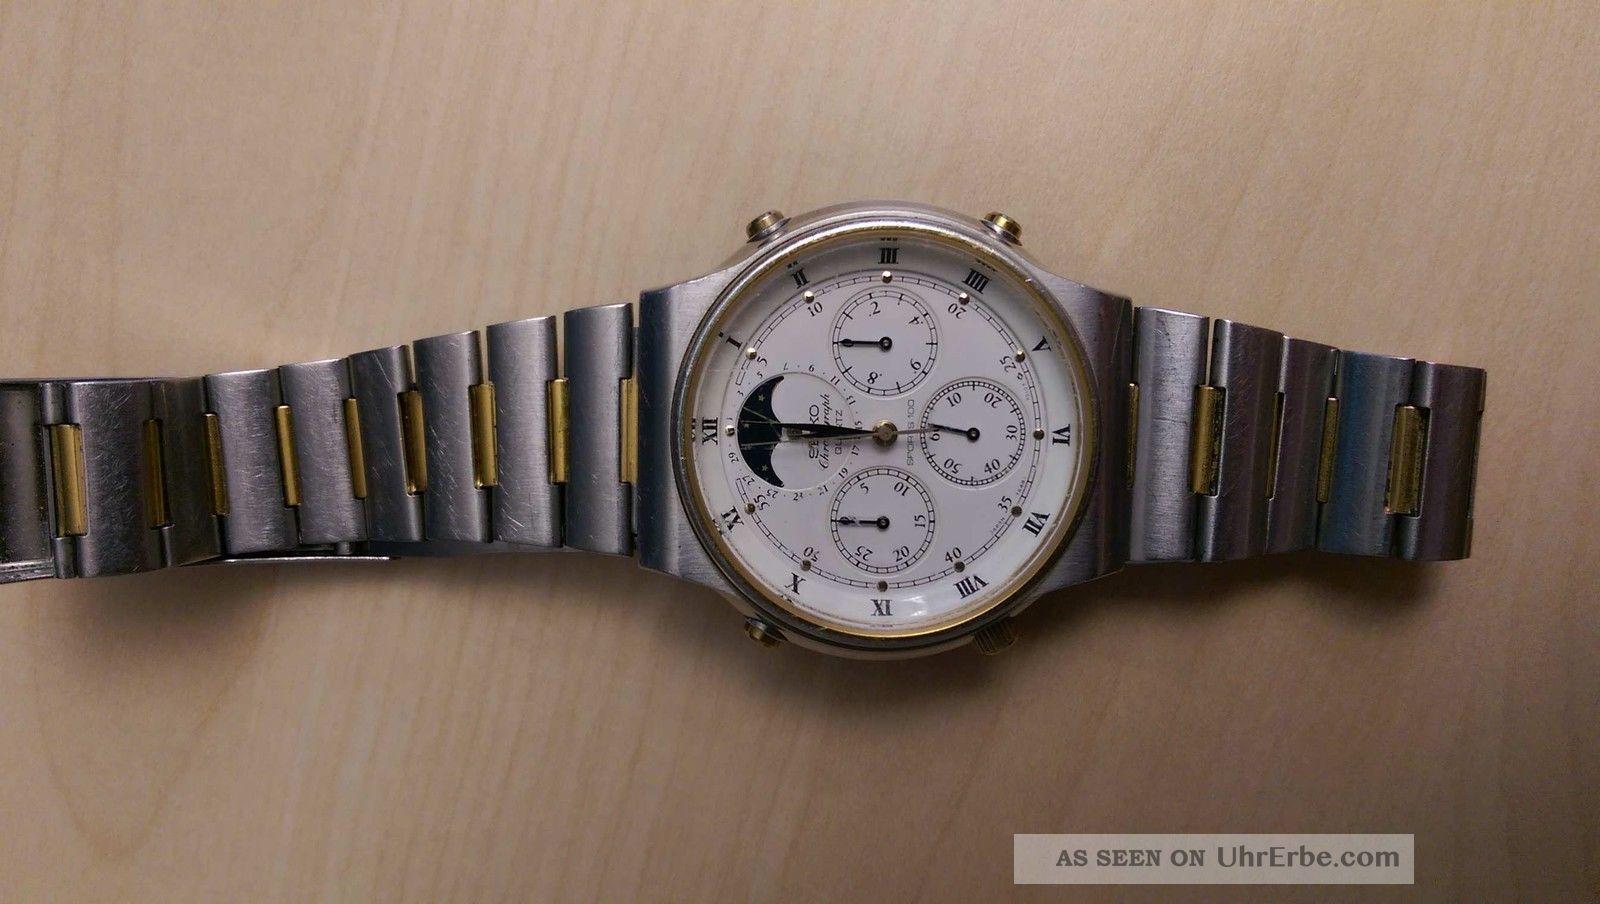 Seiko Chronograph Sports 100 7a48 - 7000 Mondphase / Moonphase Armbanduhren Bild